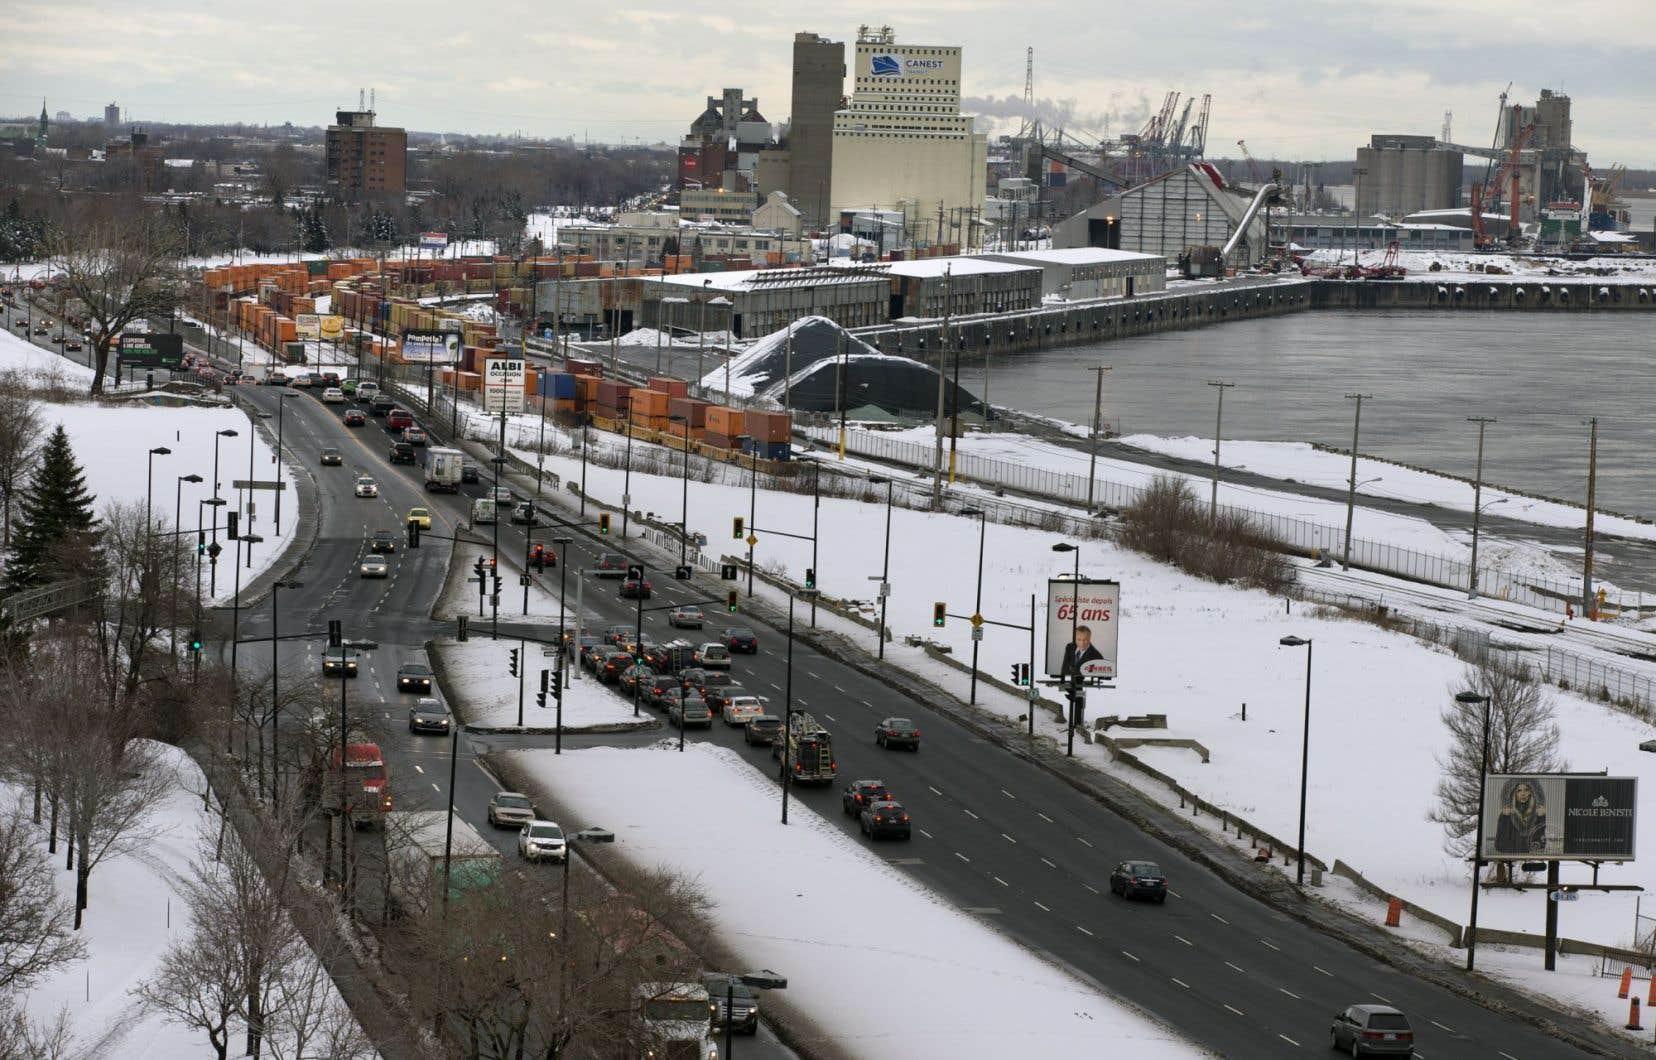 Les dirigeants du Port de Montréal arguent qu'il faudra investir dans les infrastructures maritimes pour donner le ton sur la côte est.